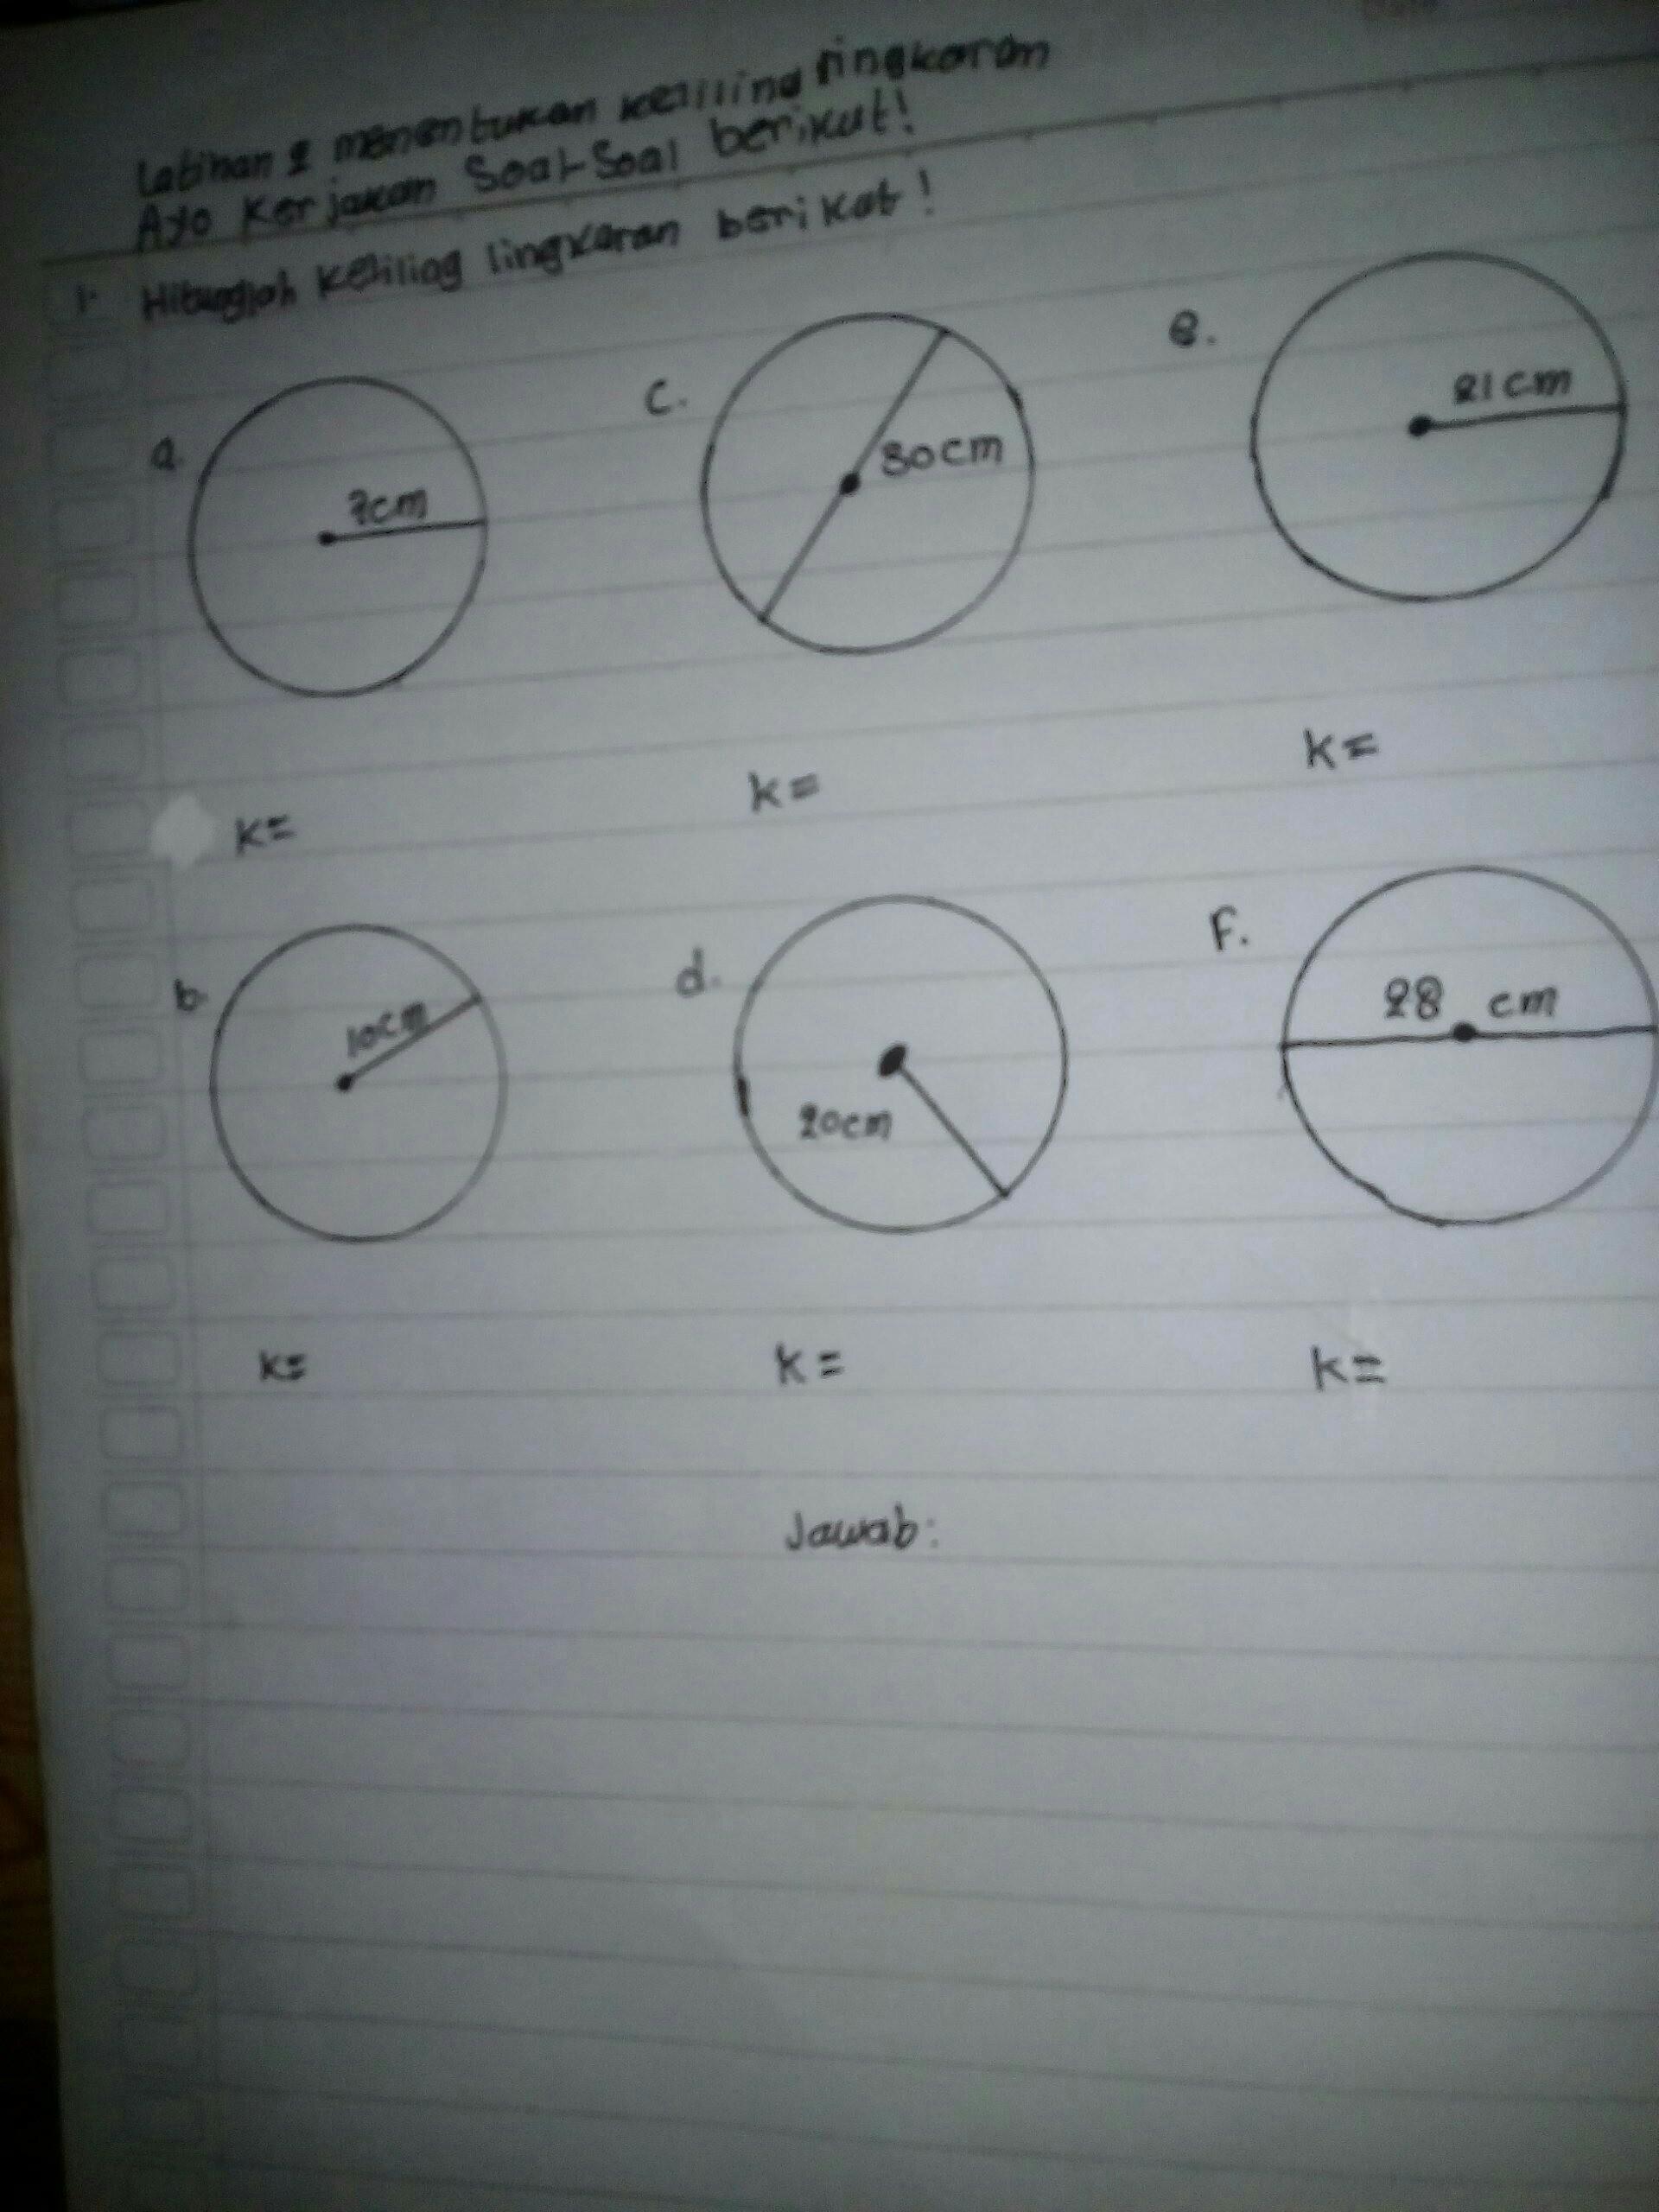 Cara Menghitung Keliling Lingkaran : menghitung, keliling, lingkaran, Hitunglah, Keliling, Lingaran, Berikut, Tolong, Jawab, Dengan, Brainly.co.id